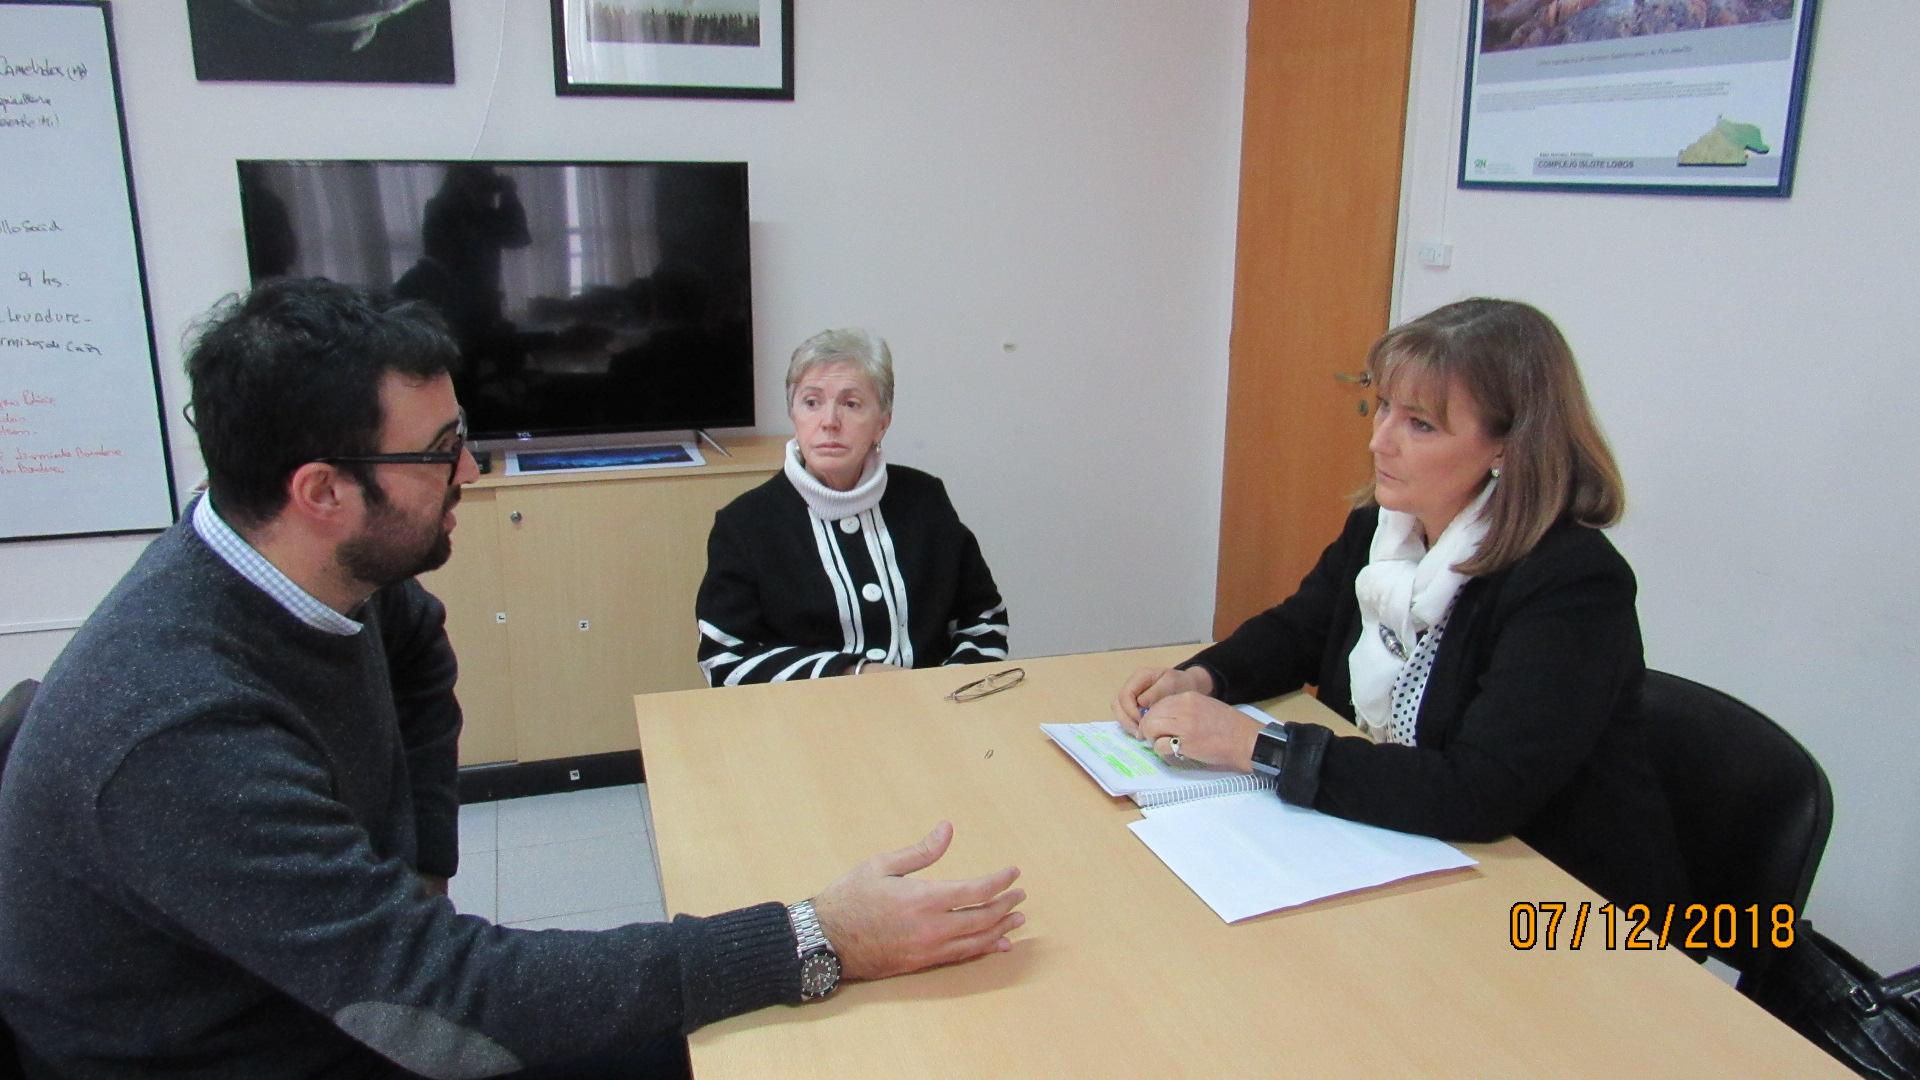 Reunión de la defensora del pueblo con la secretaria de ambiente provincial.  Santagati solicitó los expedientes relacionados con ALPAT